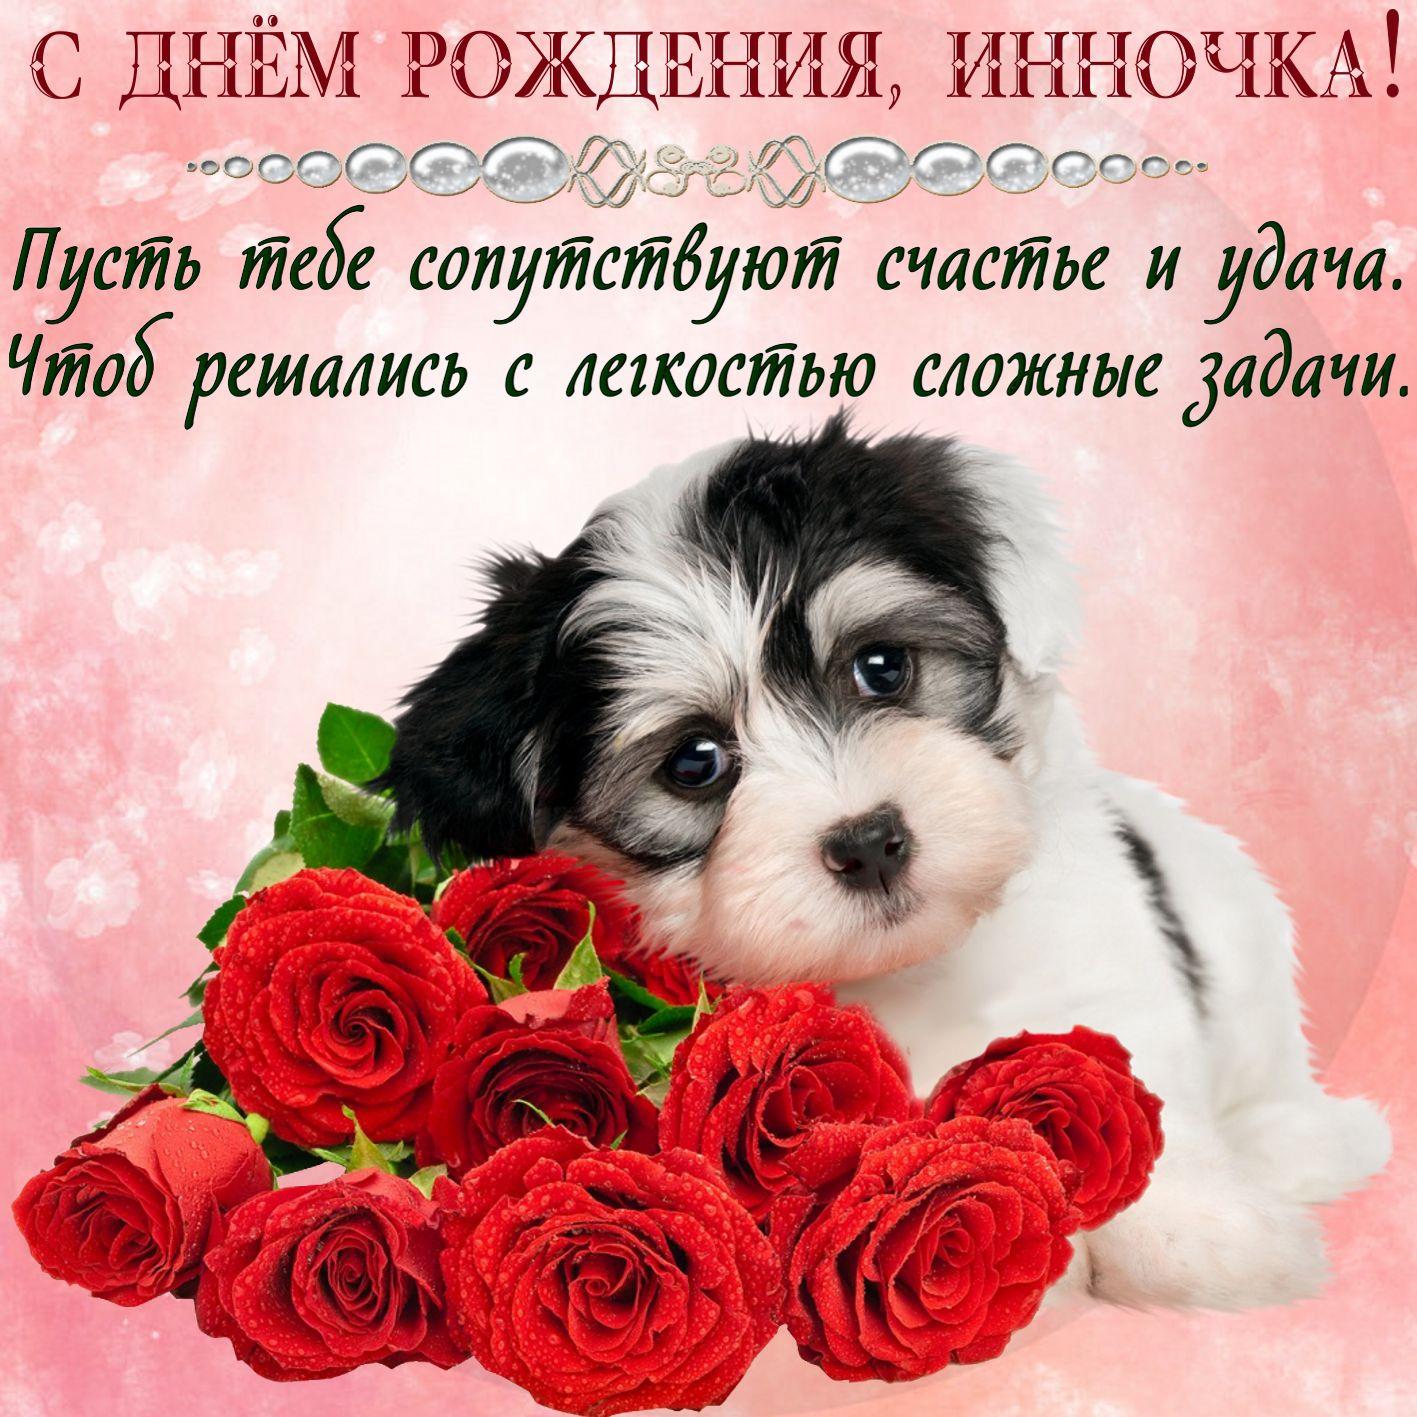 поздравление собак в стихах рекомендовано